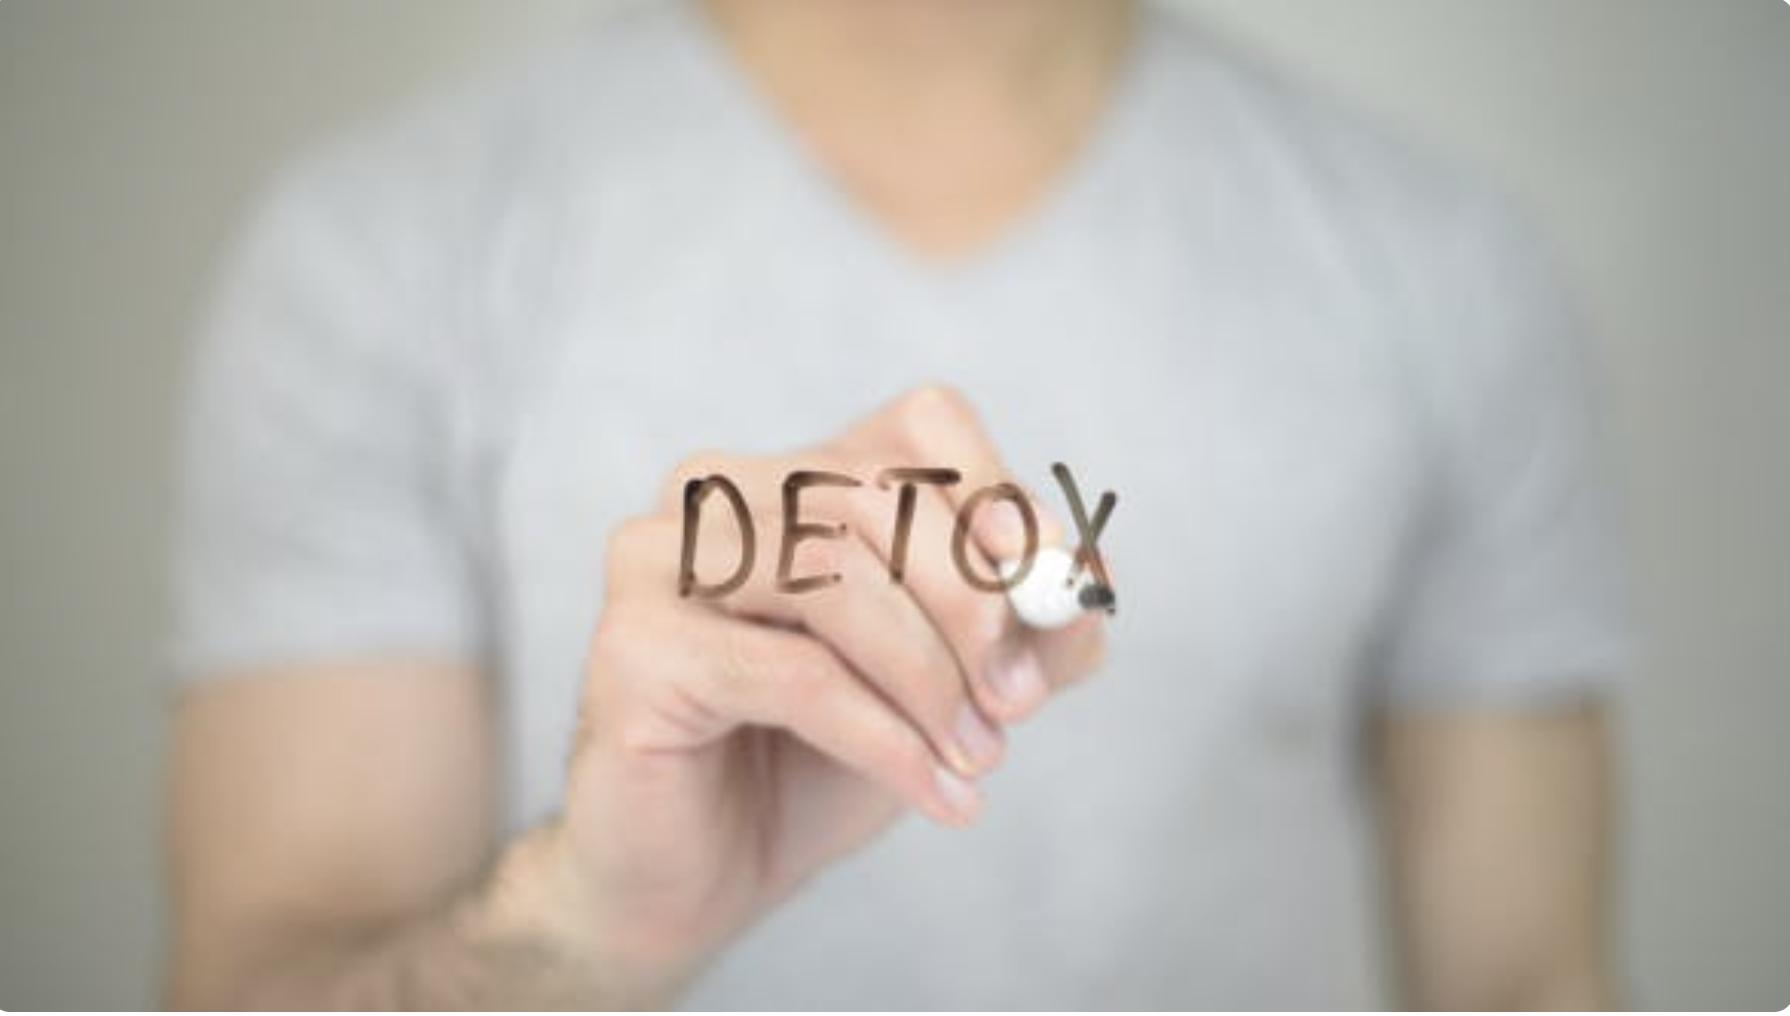 Détox post fête : comment éliminer les excès